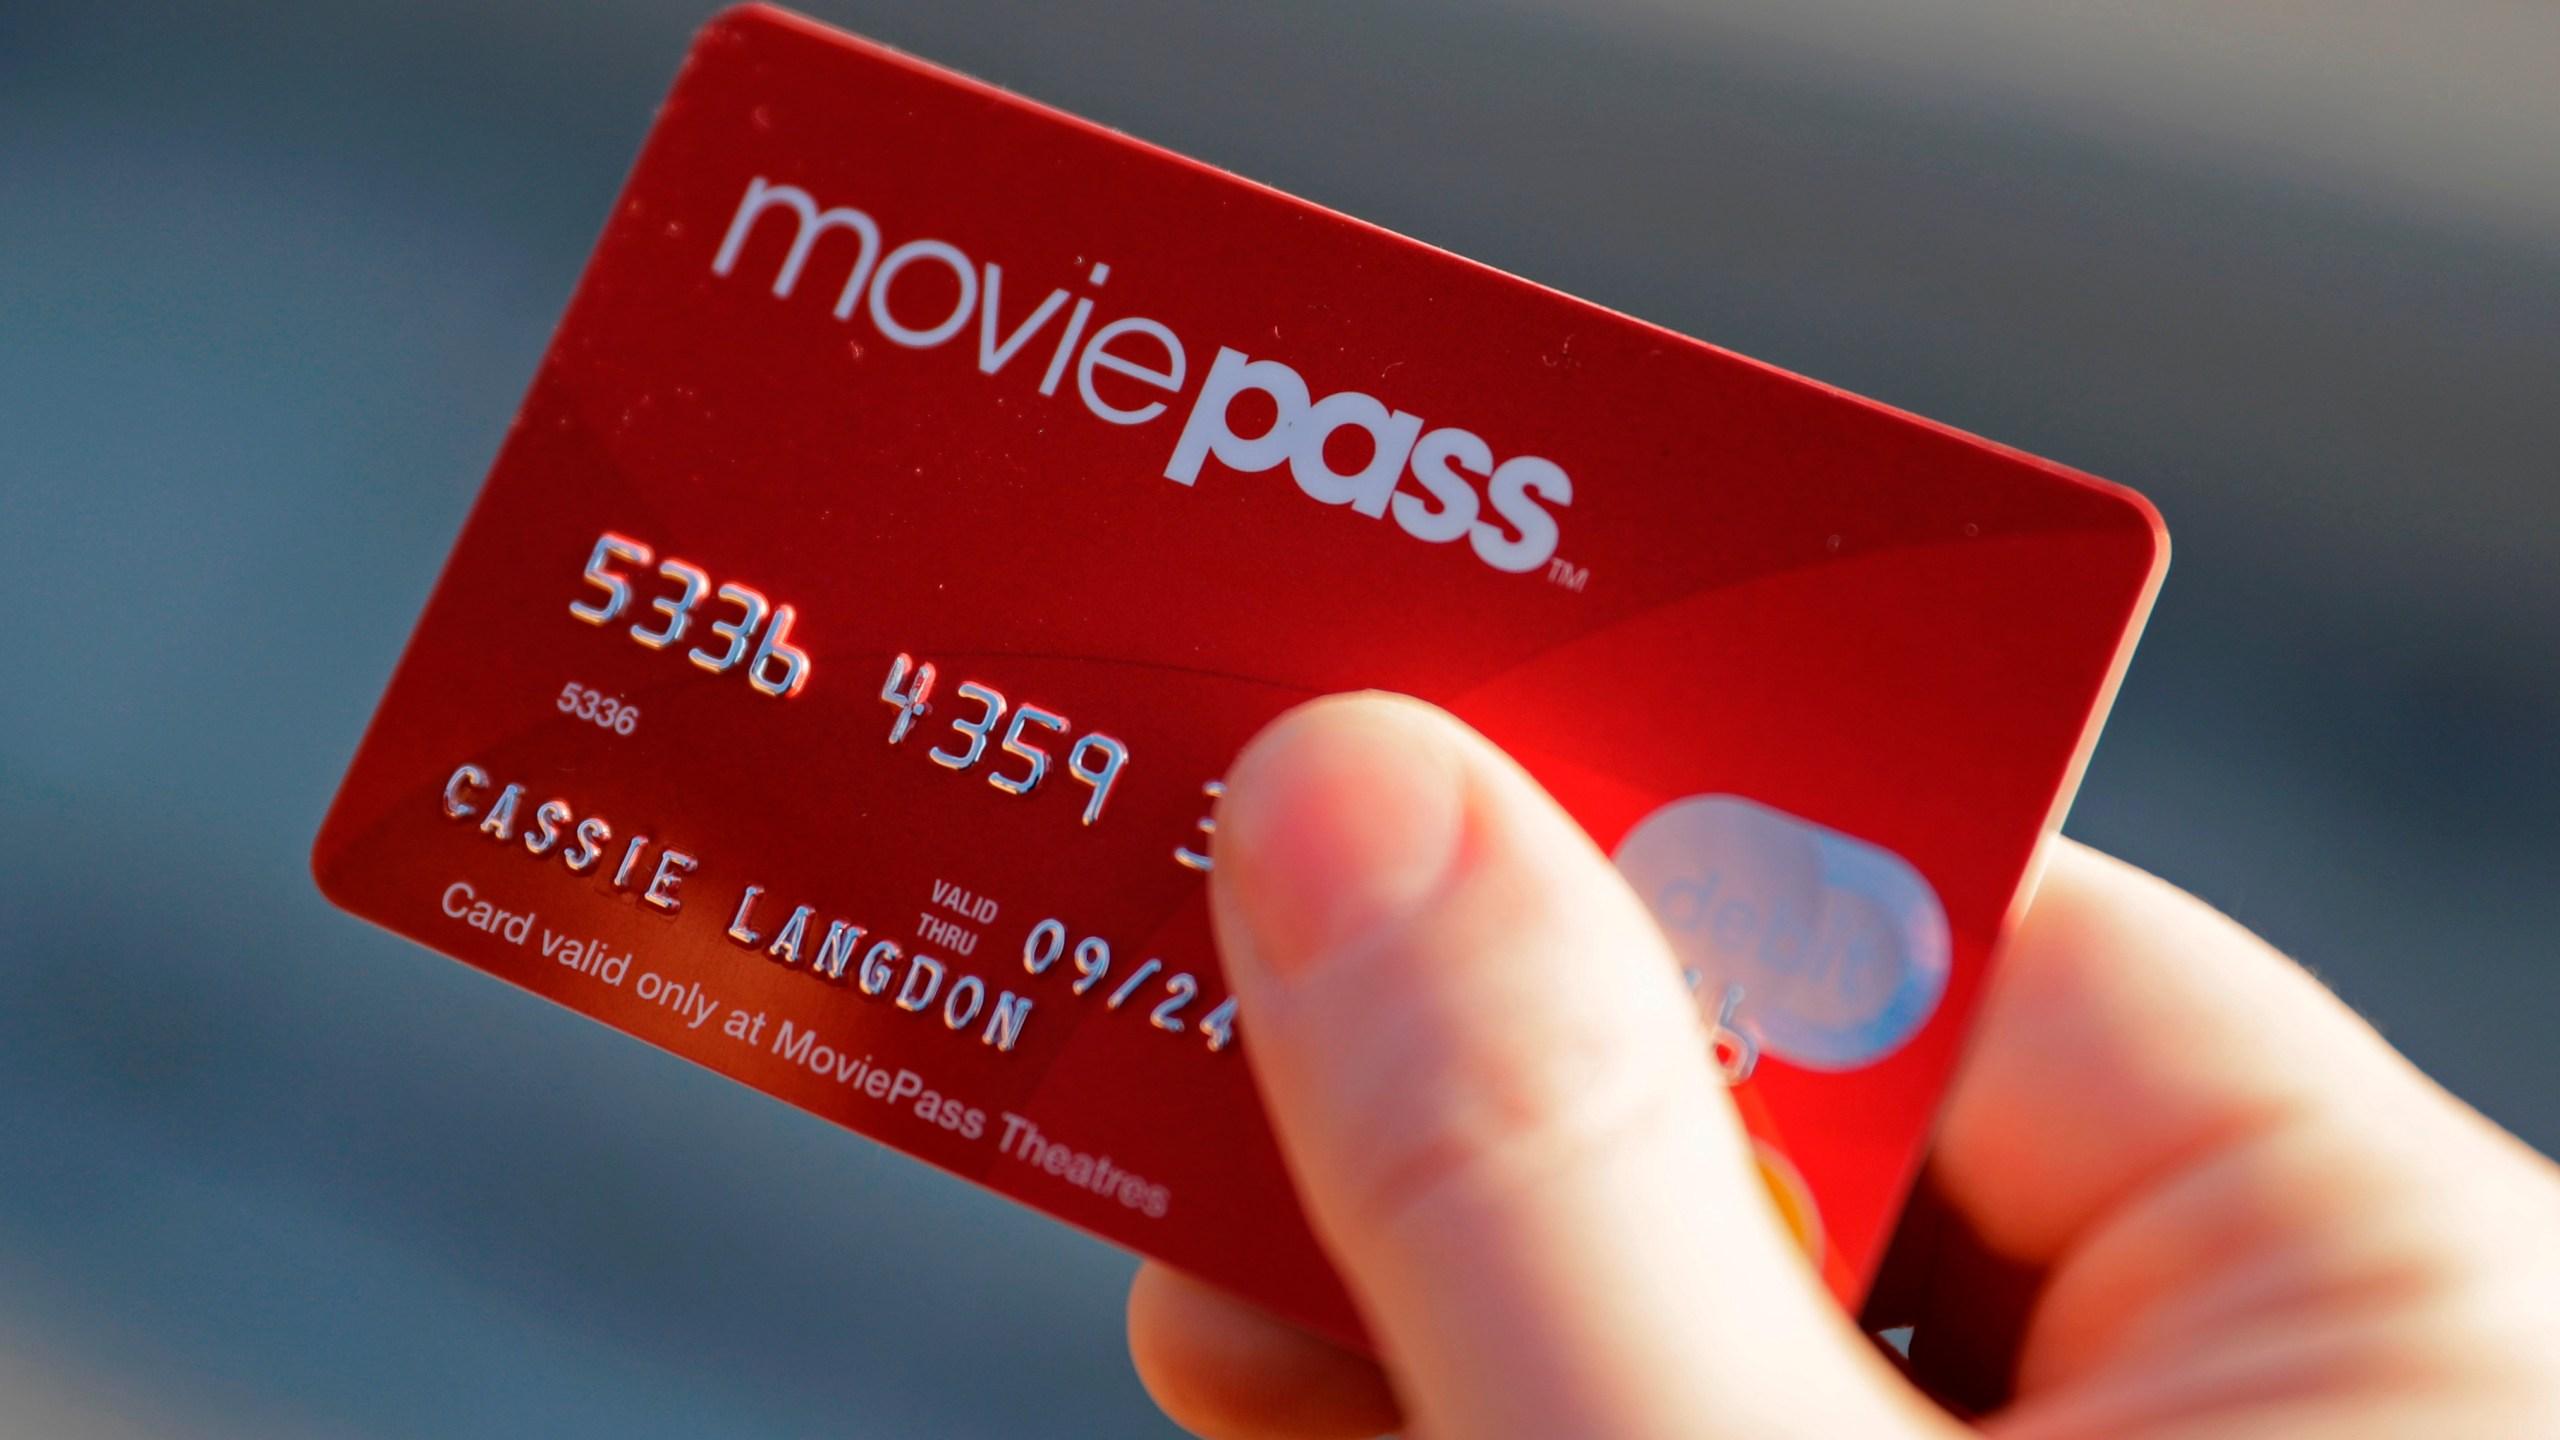 MoviePass_Price_Hike_85904-159532.jpg00238656